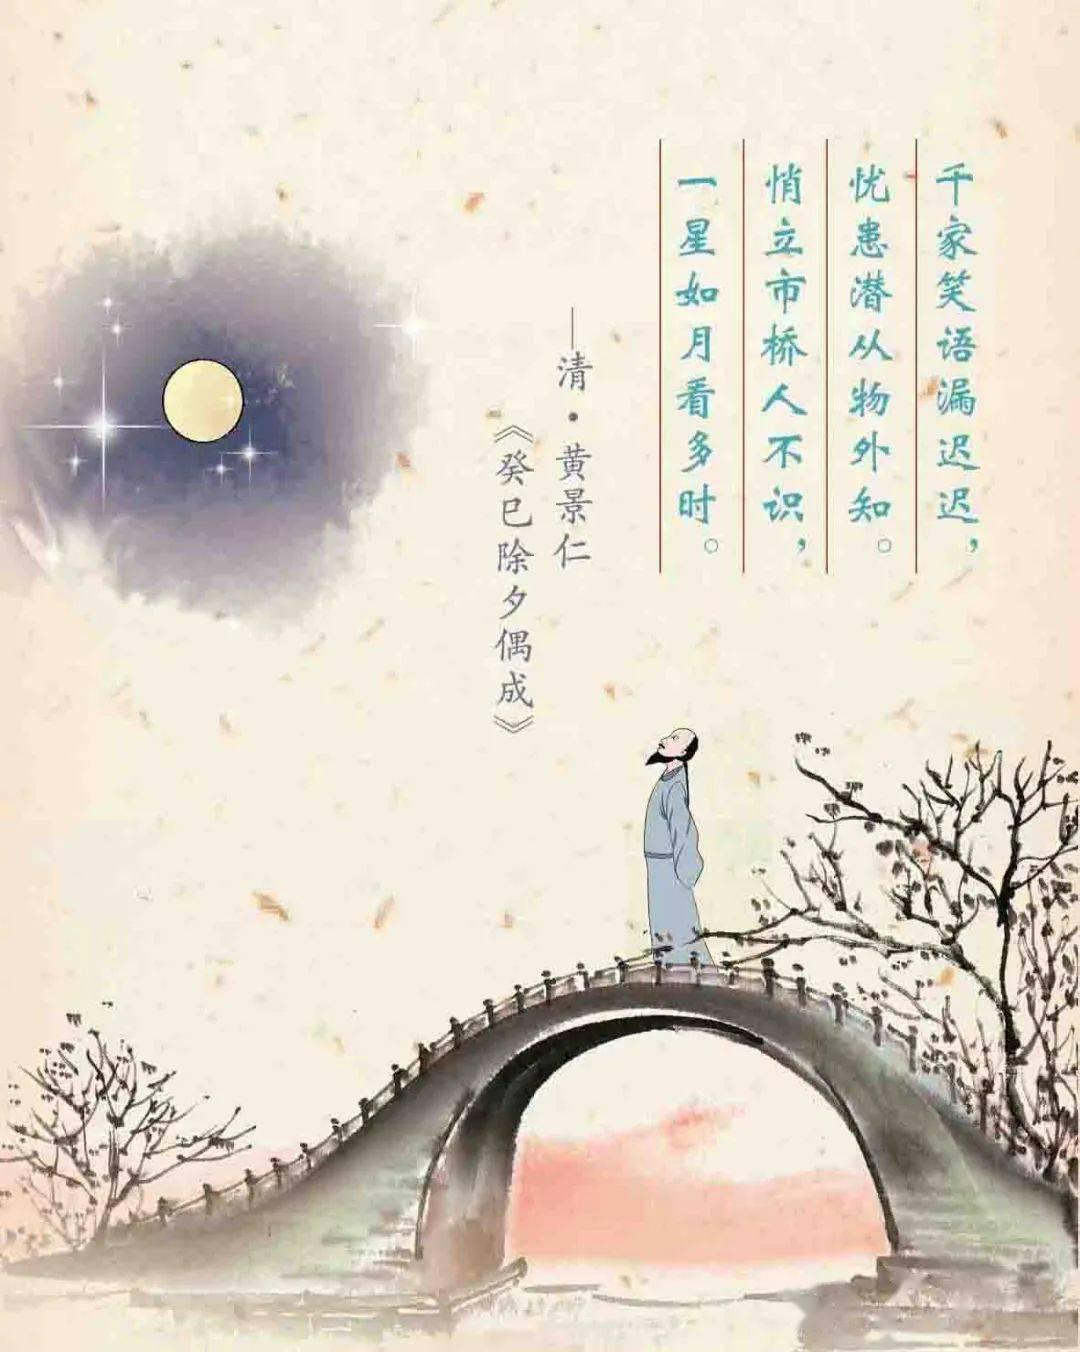 长图丨就地过年,古代诗人秀出新花样  第11张